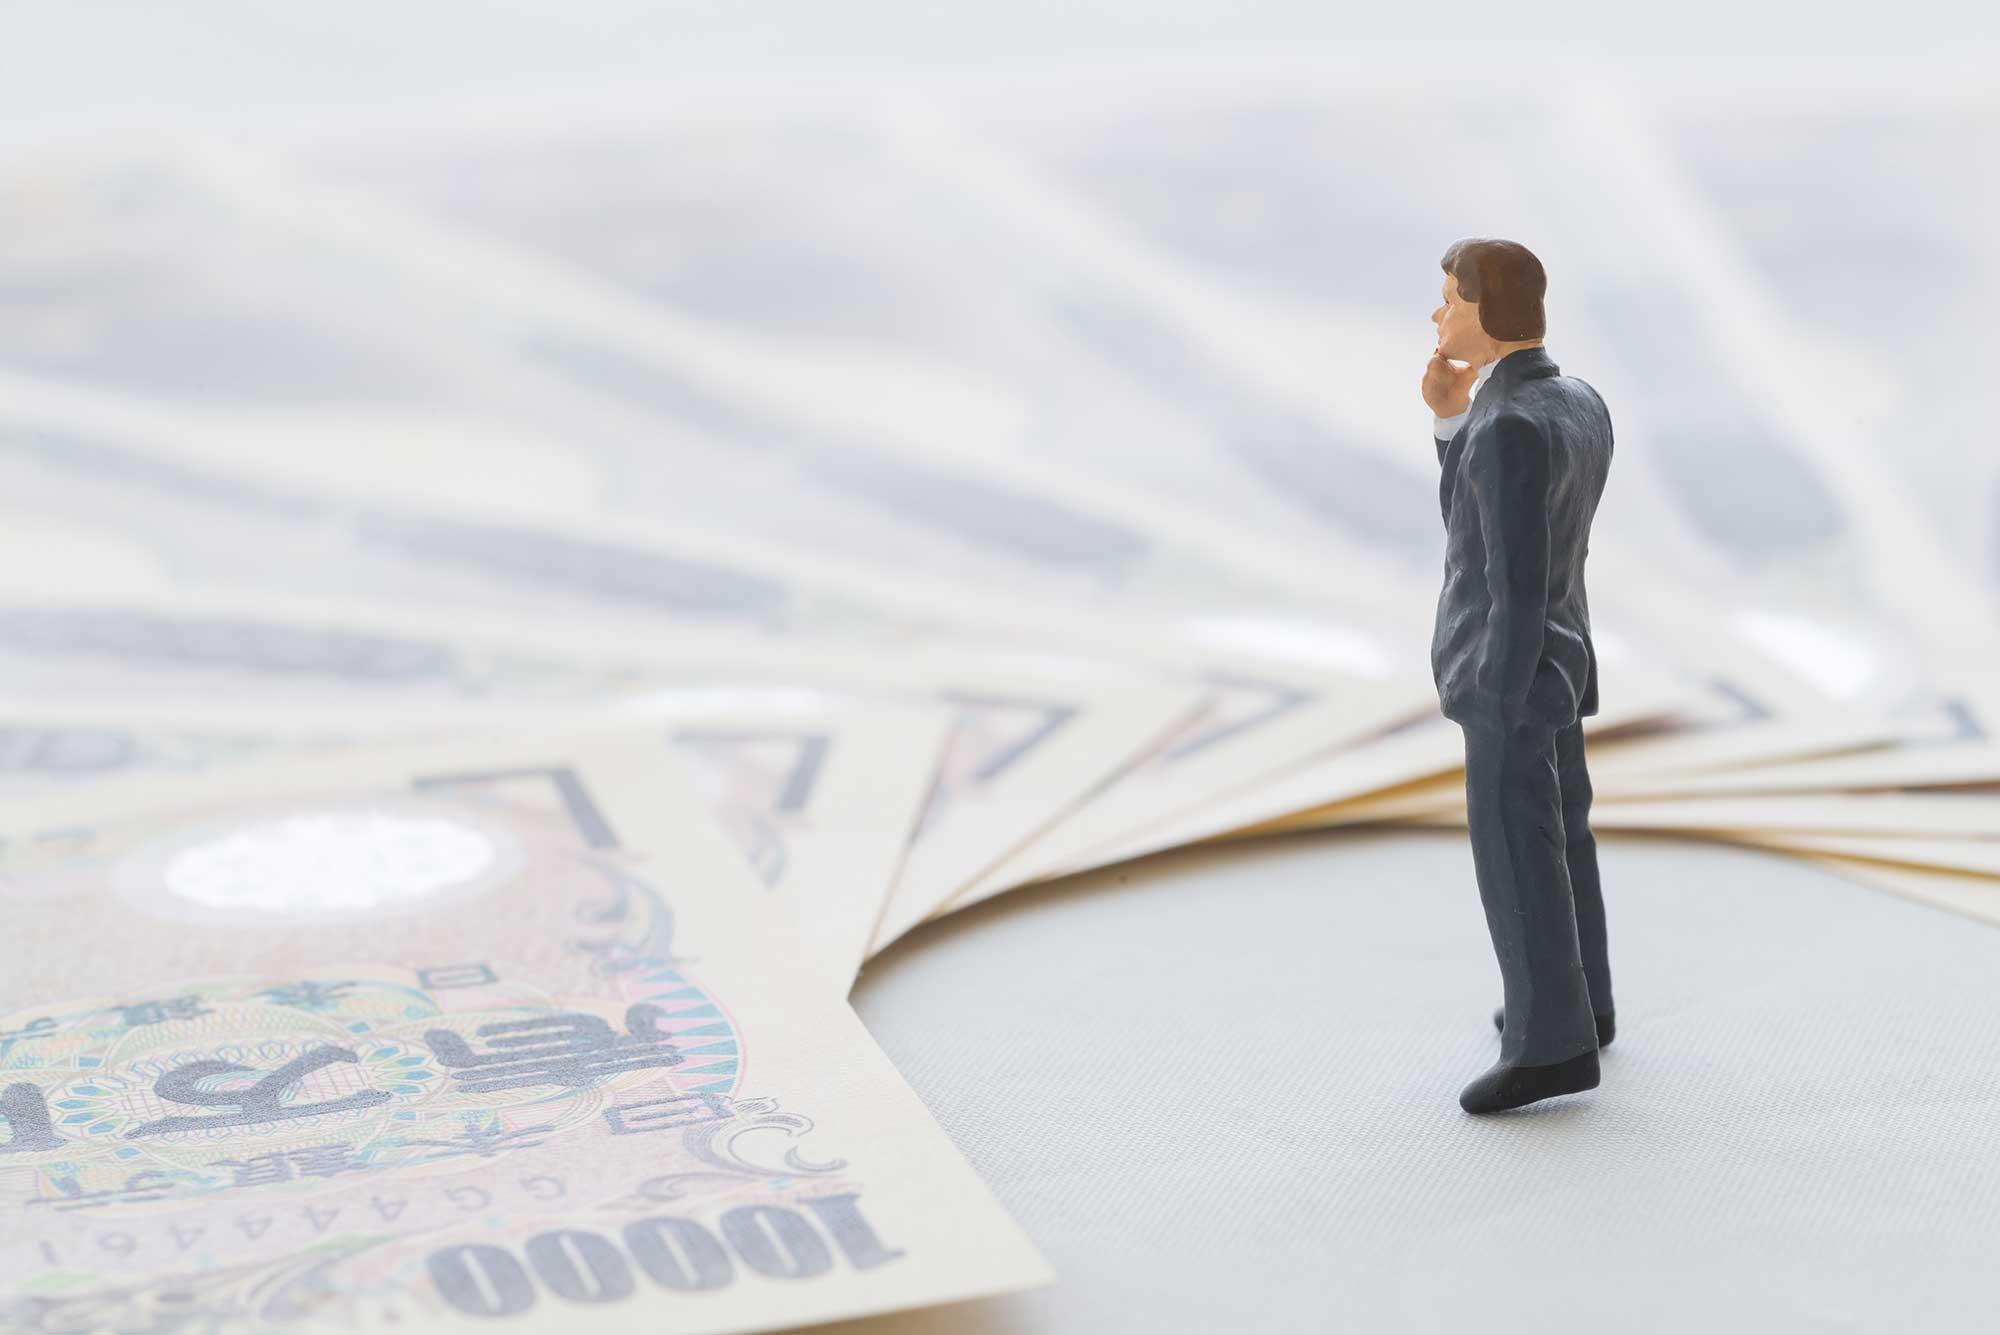 補助金と助成金の違い